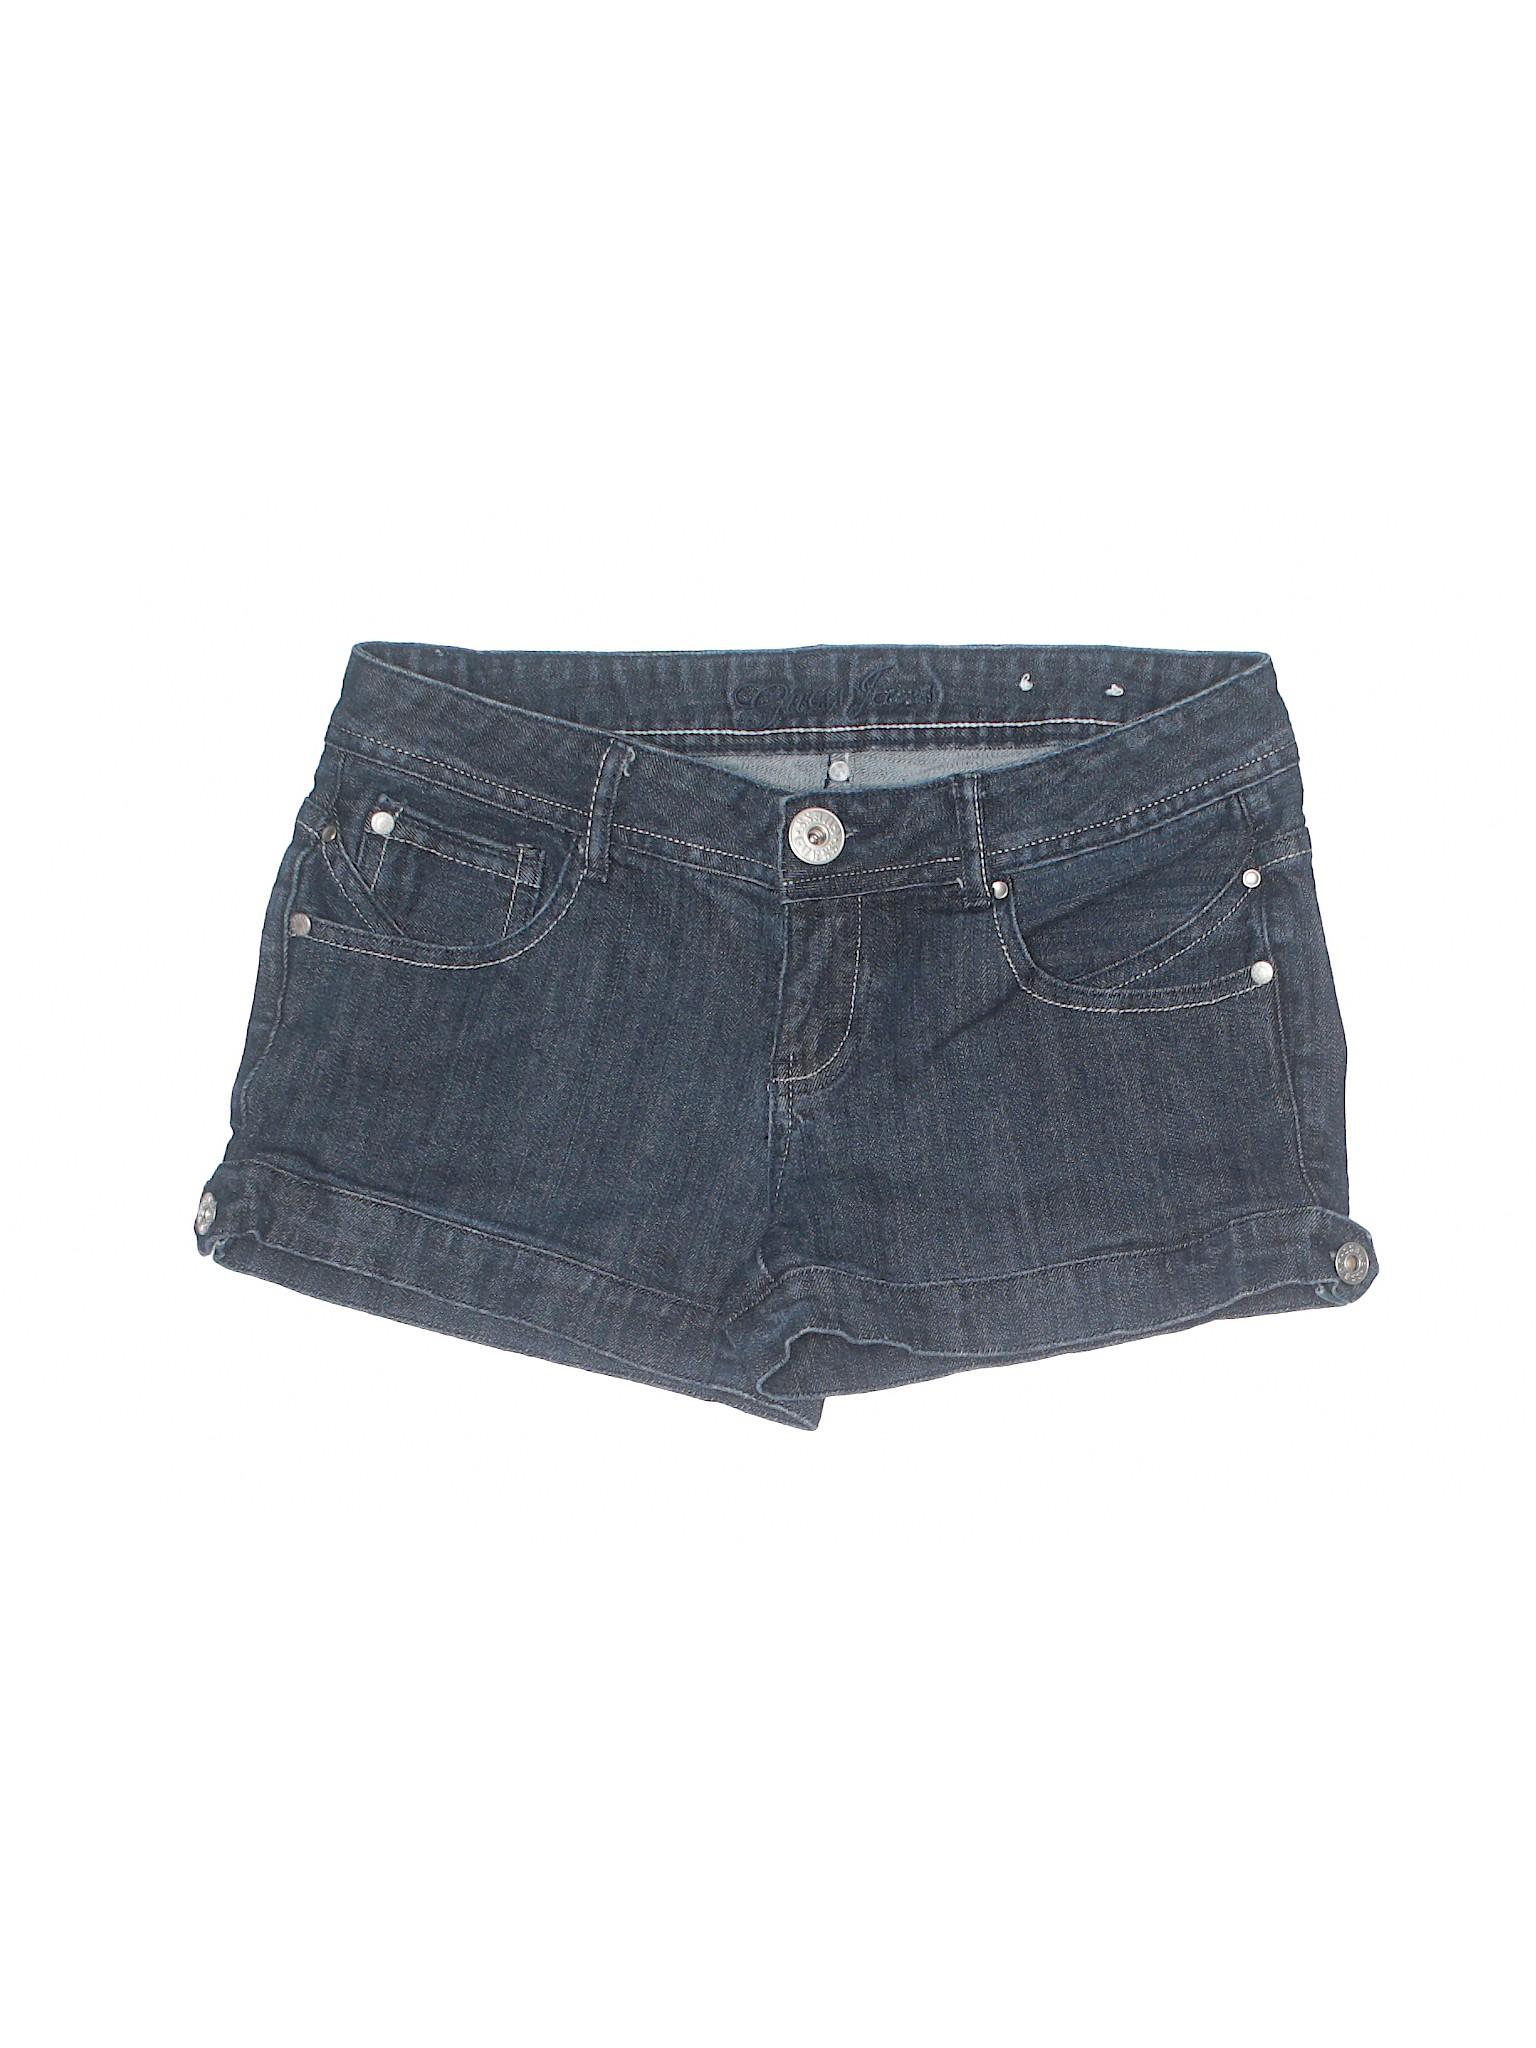 Denim Shorts Jeans Guess leisure Boutique q1wtzPS6xc